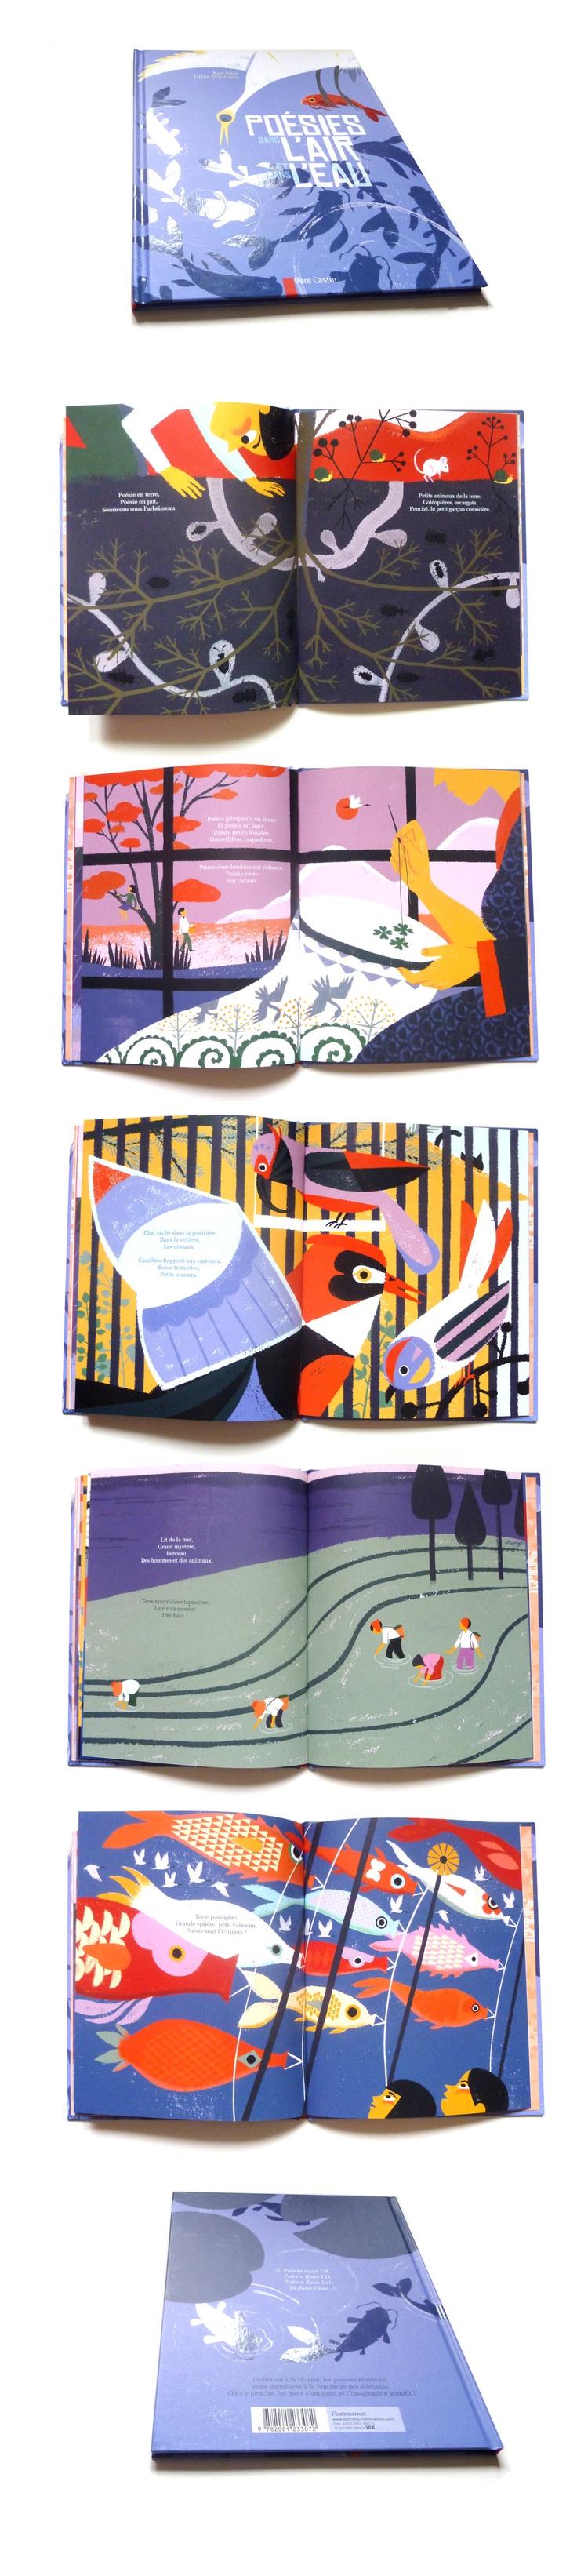 Poésies dans l'air et dans l'eau; by Kochka & Julia Wauters